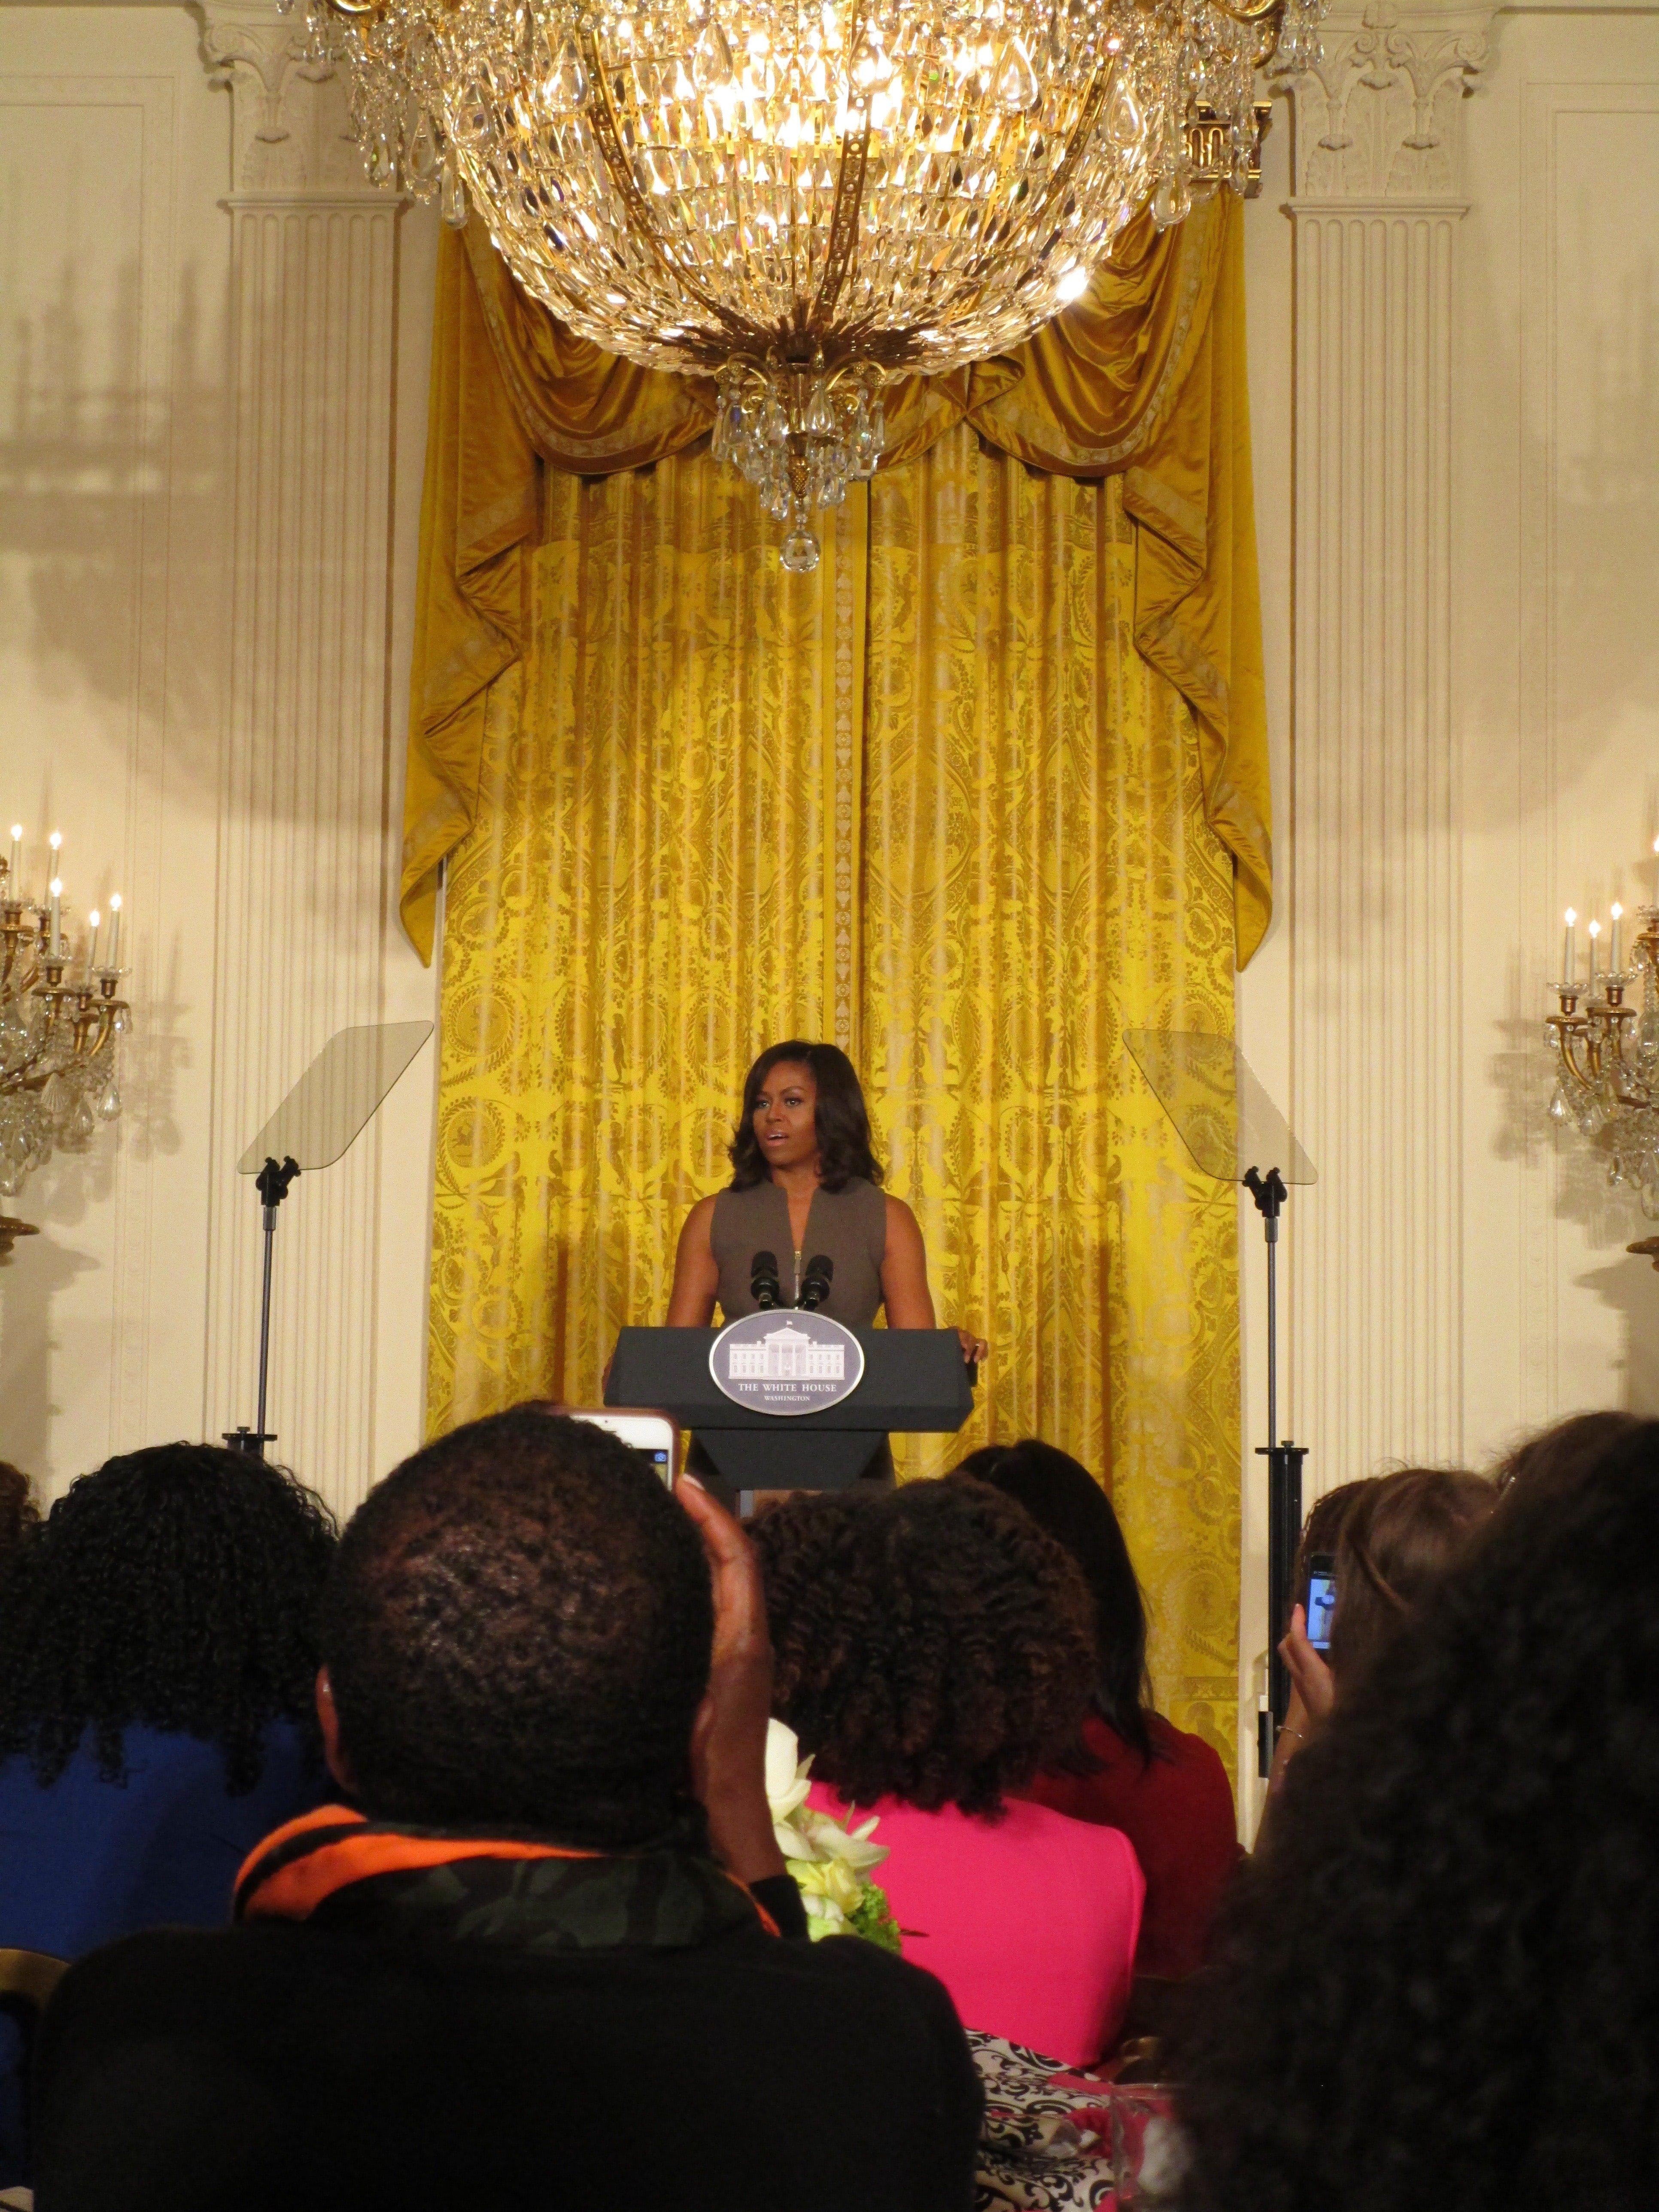 Michelle Obama Let's Move!